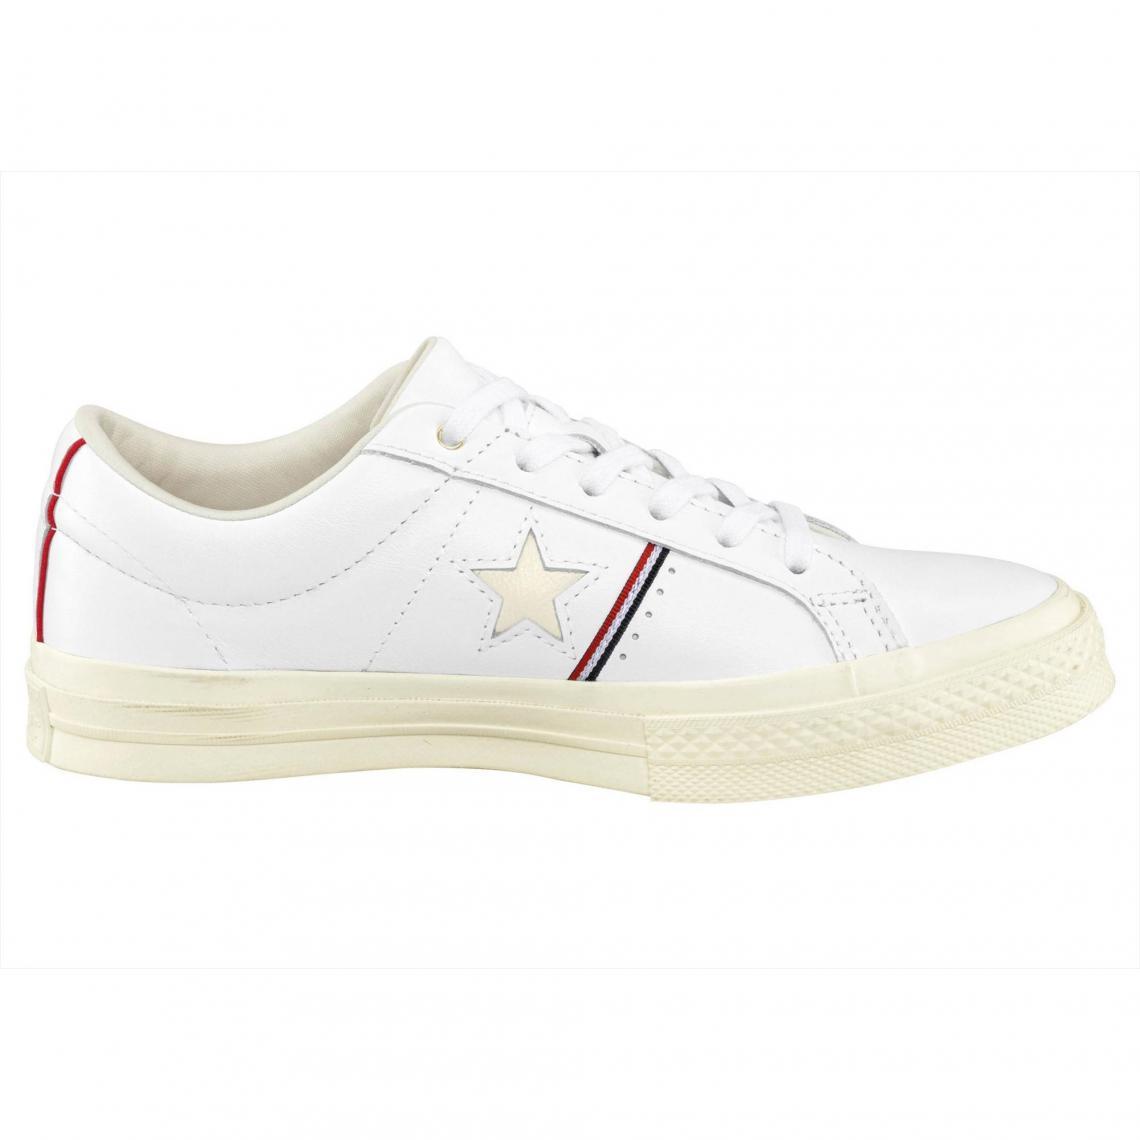 5377fd0762b Sneakers Converse Cliquez l image pour l agrandir. Baskets basses homme  Converse One Star Ox - Blanc Converse